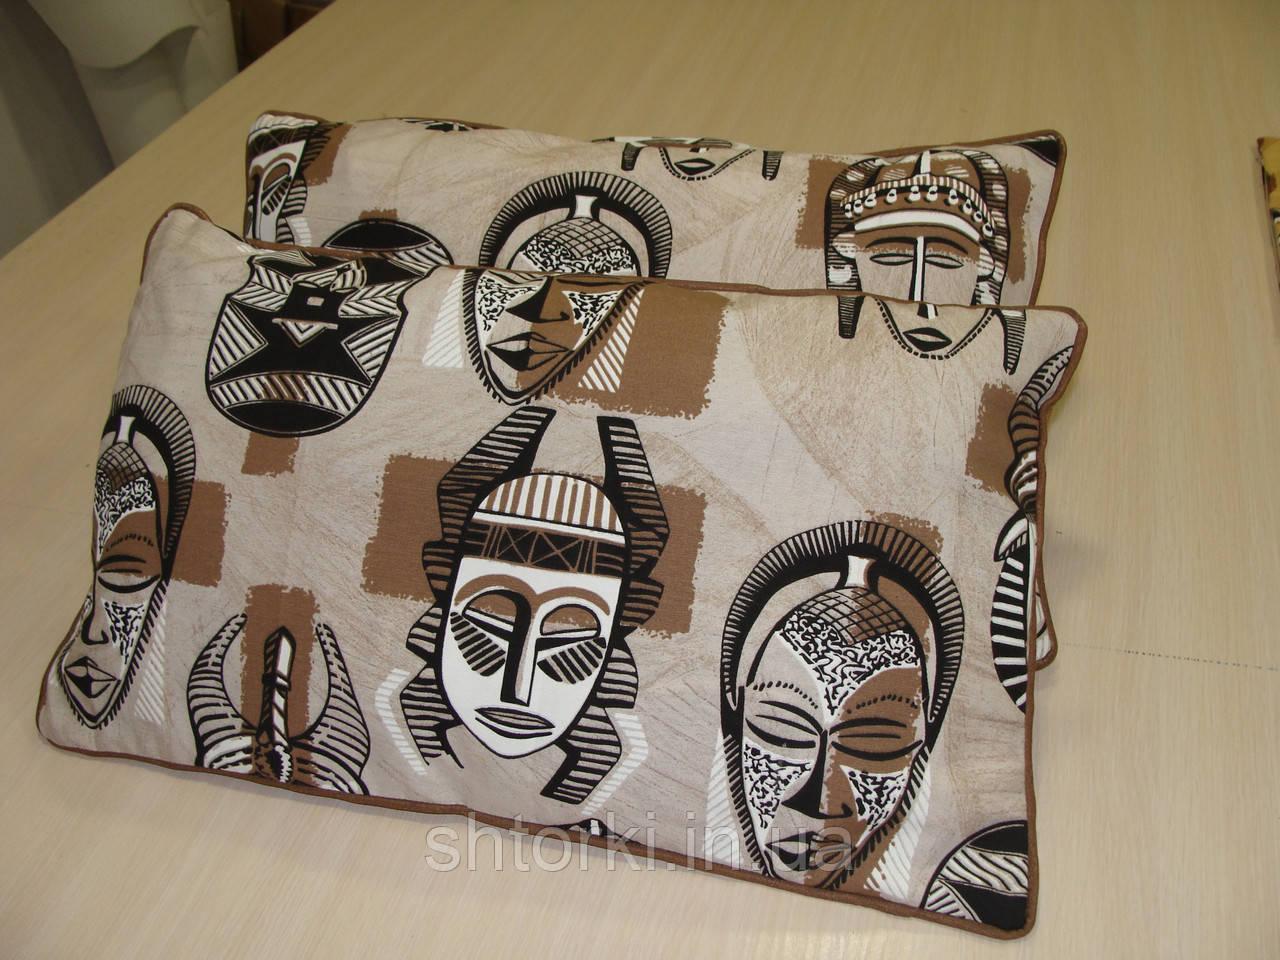 Комплект подушек Этно стиль индейцы , 3 шт 60х35